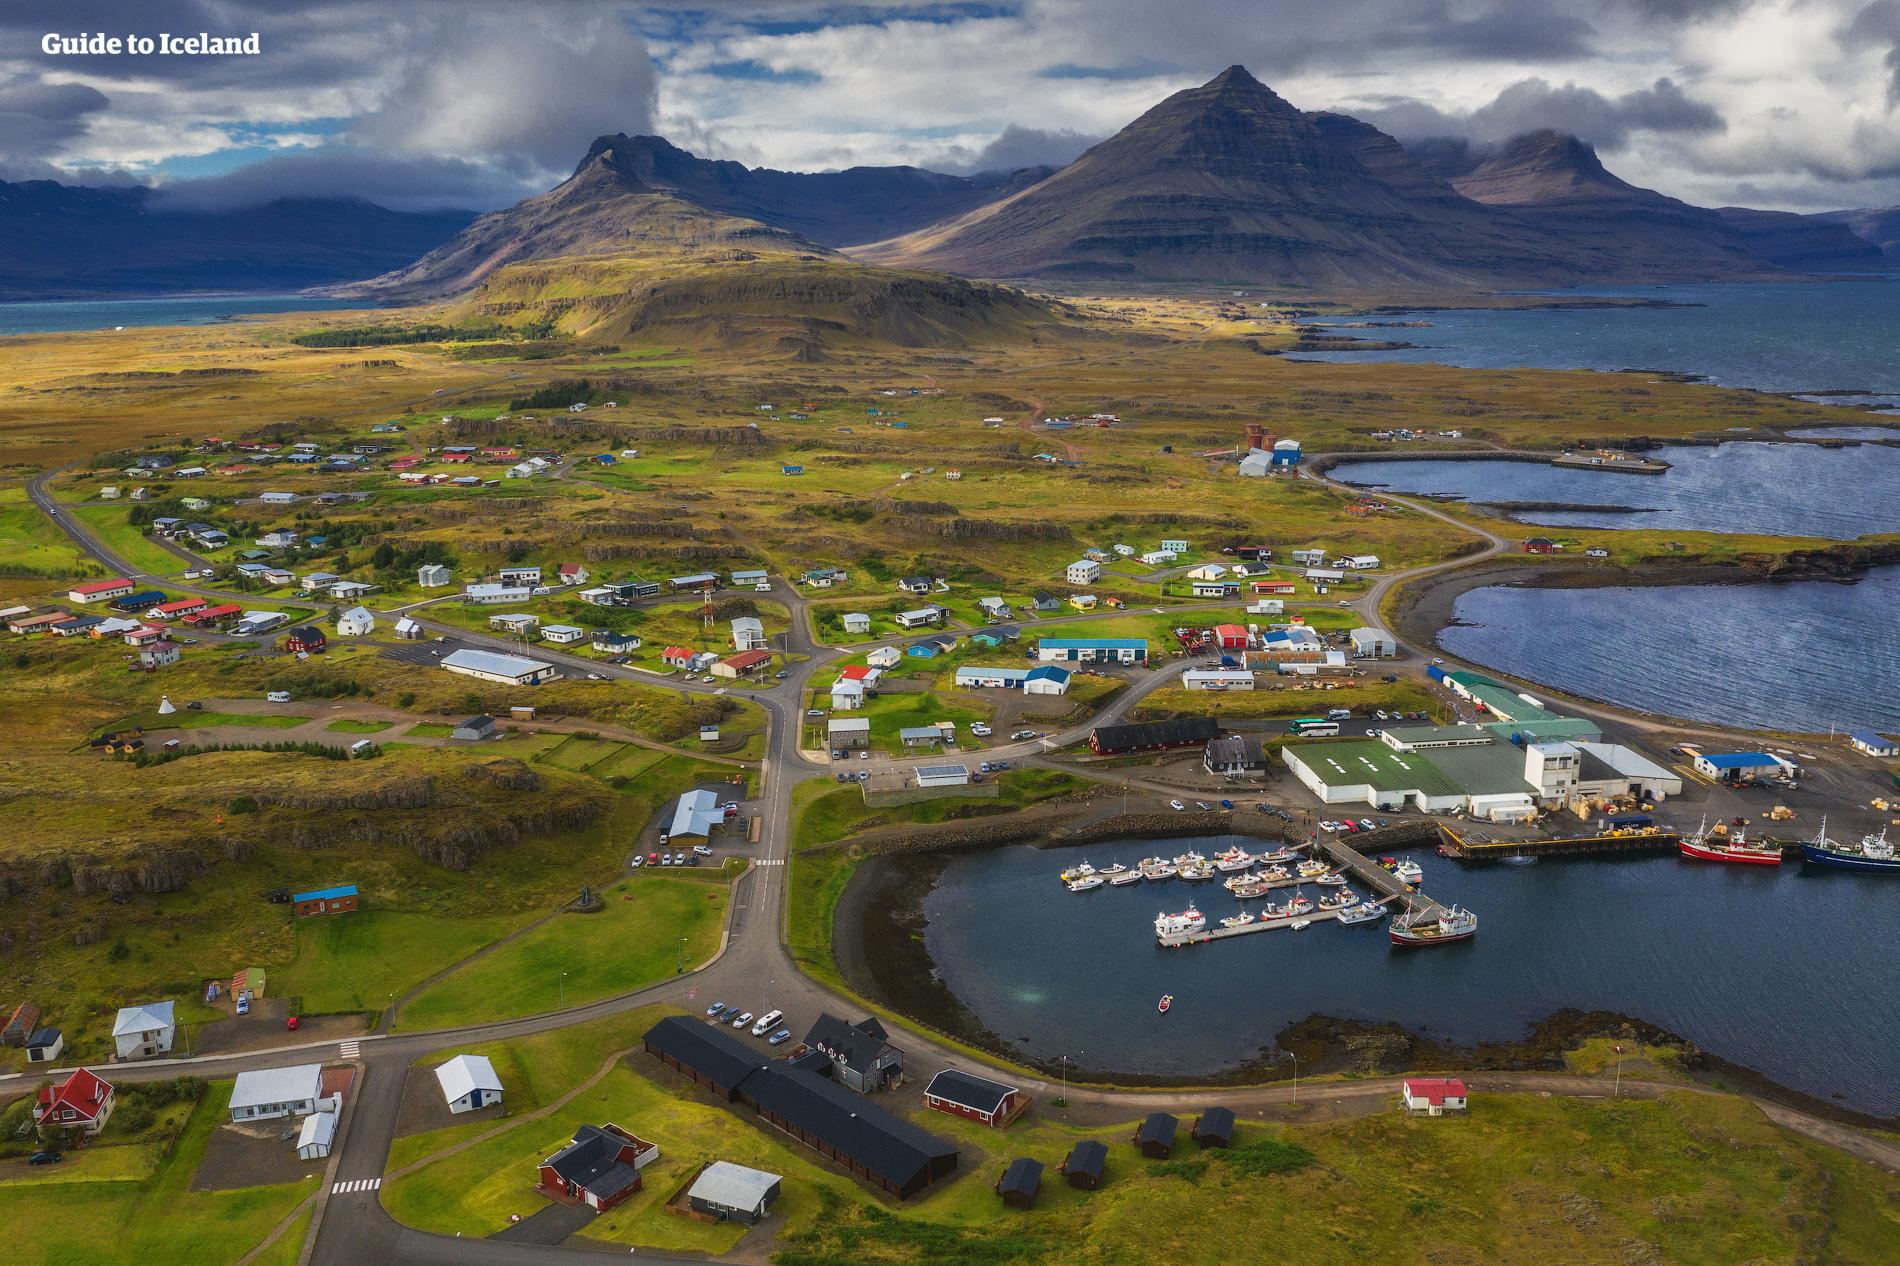 På Øst-Island er det naturskatter og praktfull utsikt uansett hvor du drar.